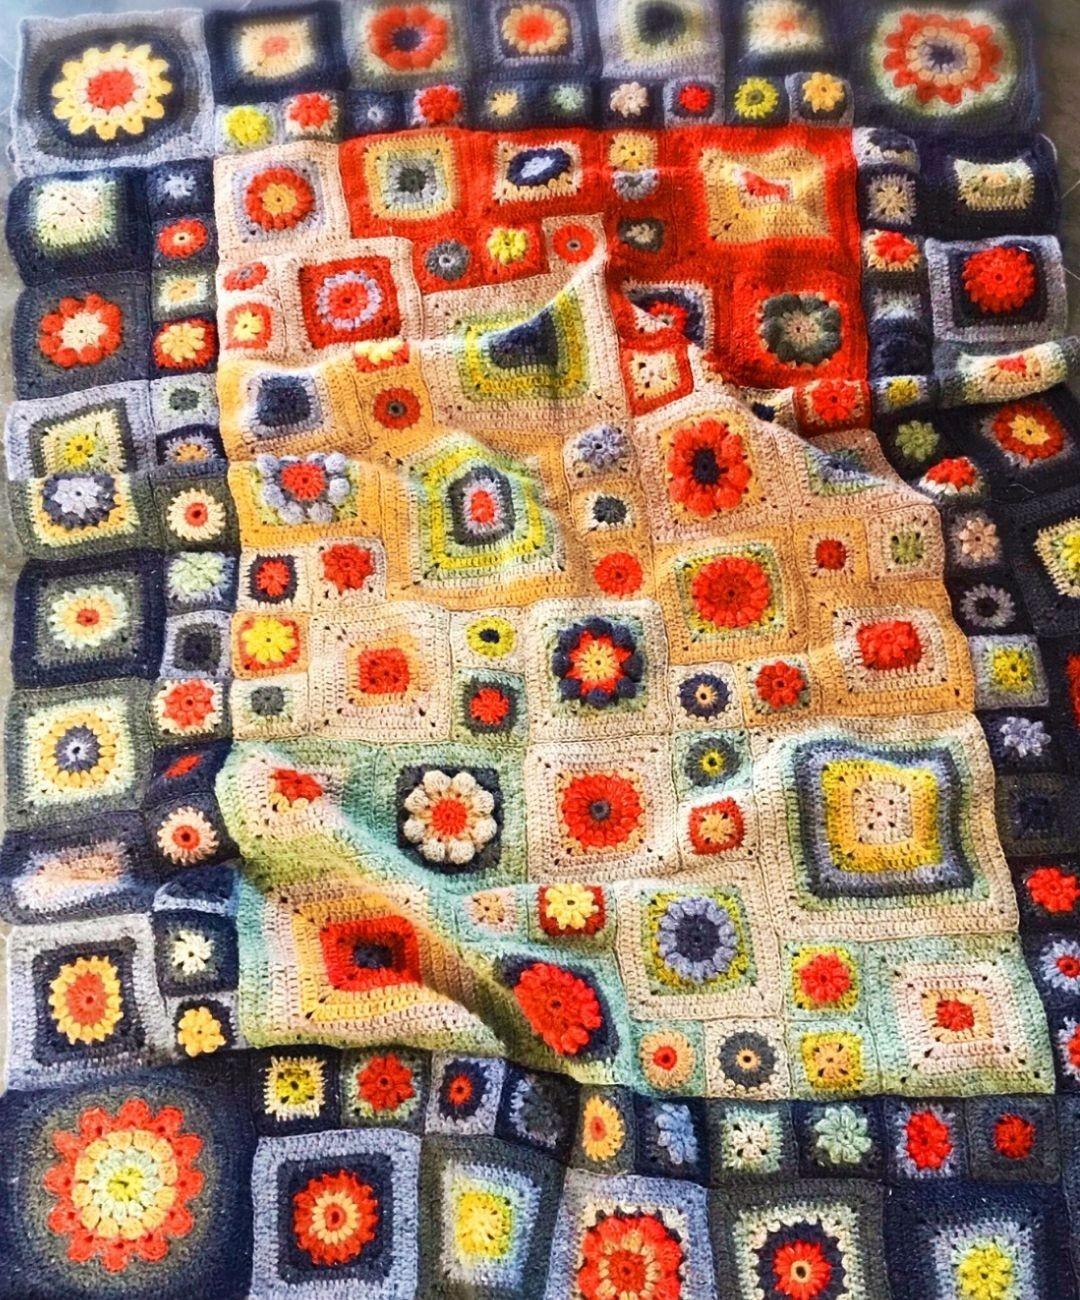 Homage crochet blanket detail